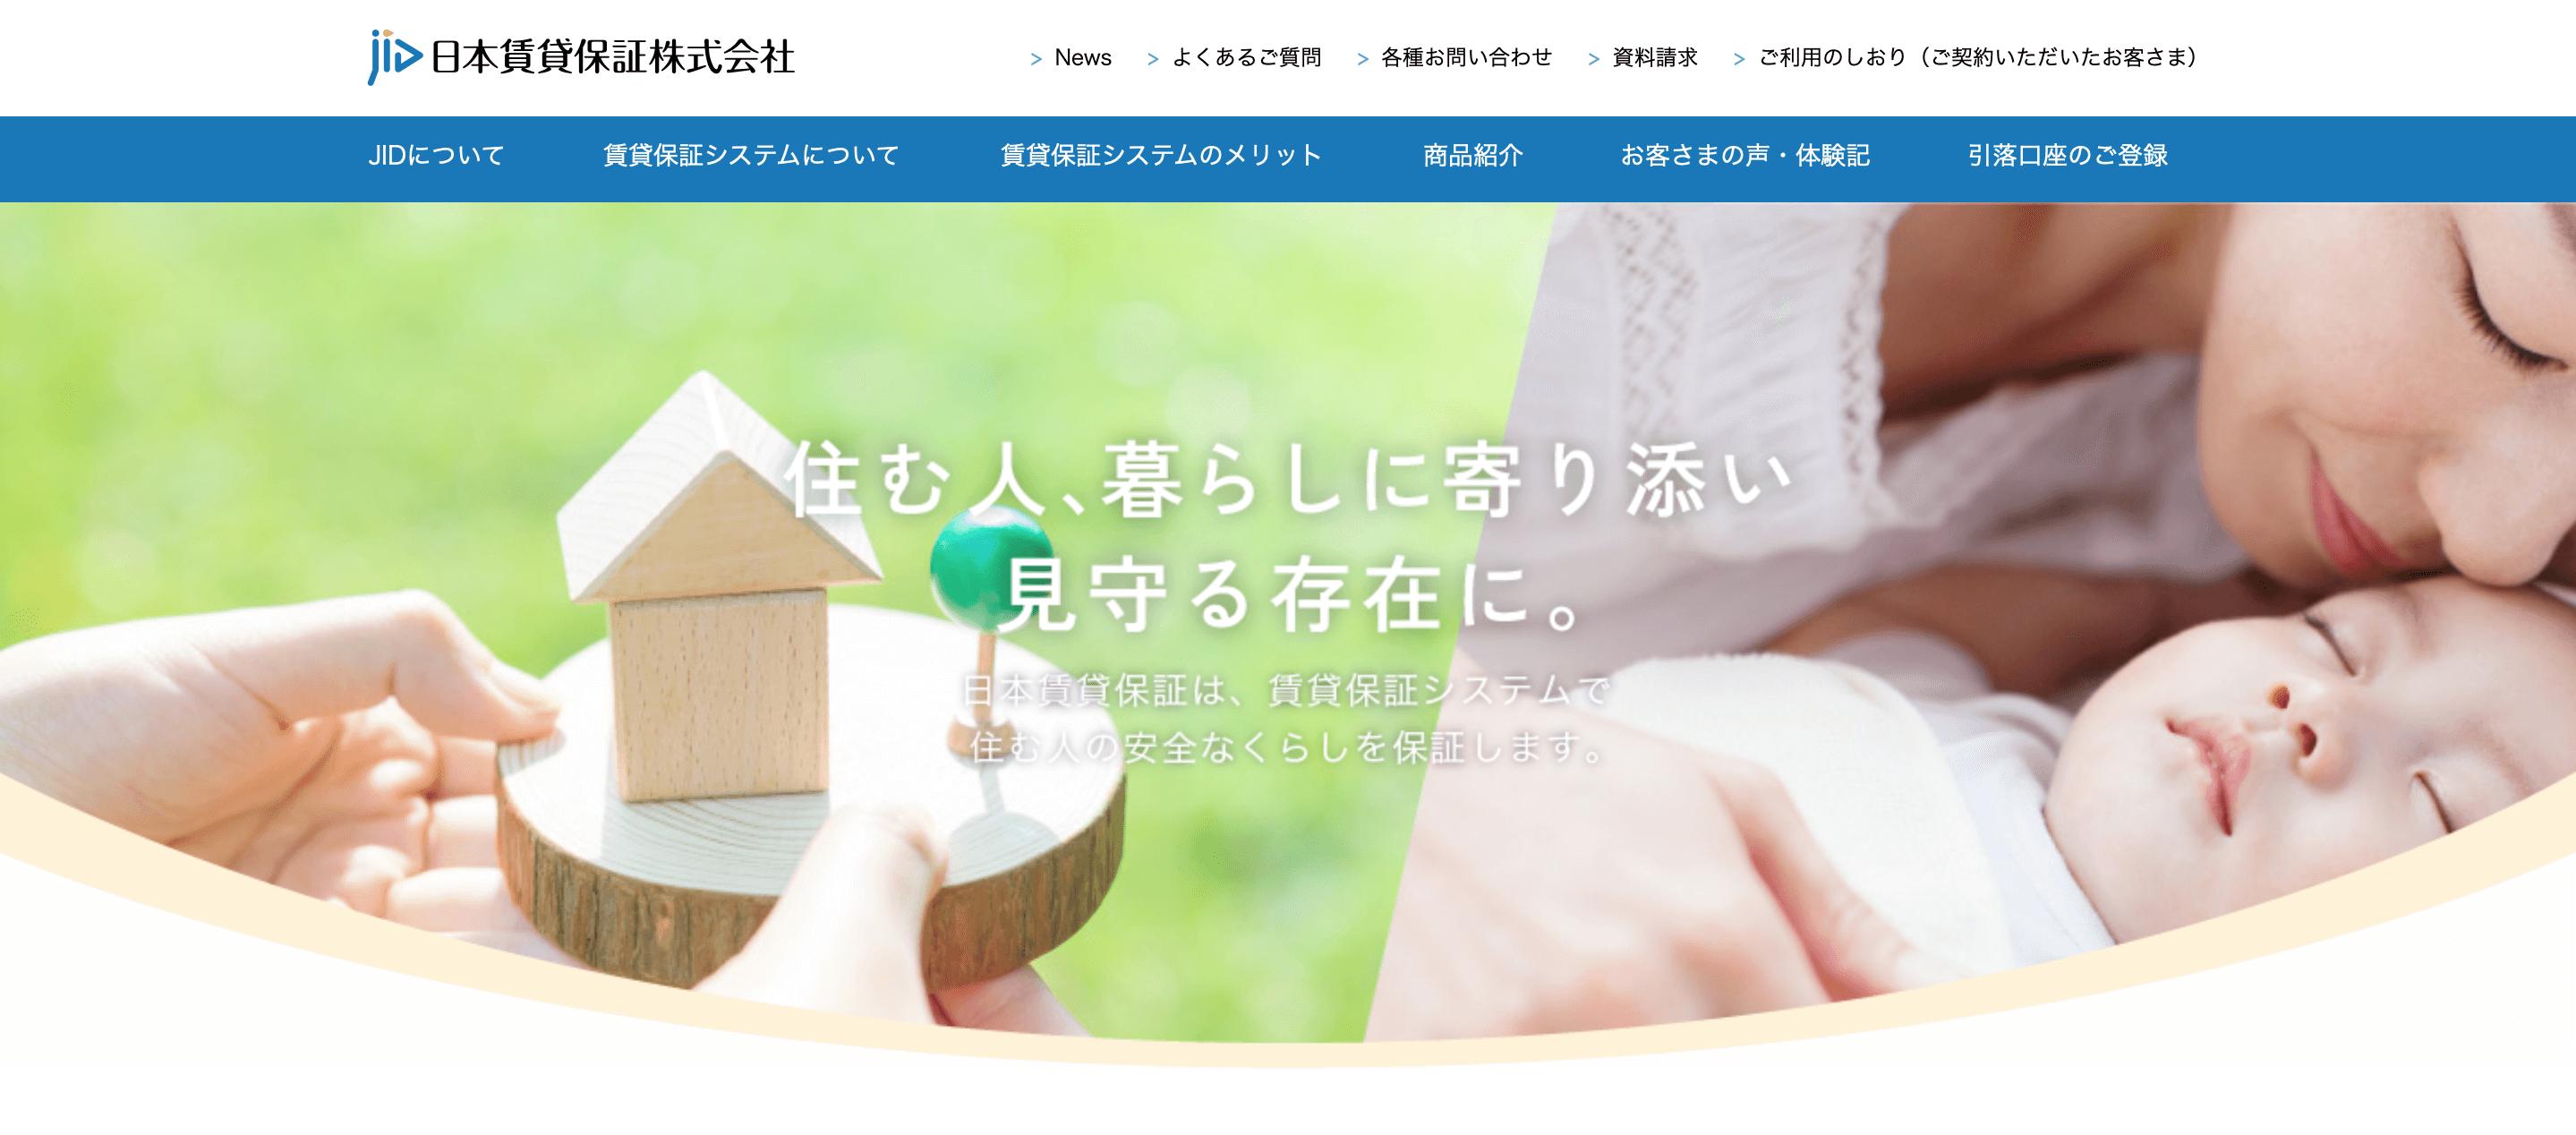 日本賃貸保証の公式HP